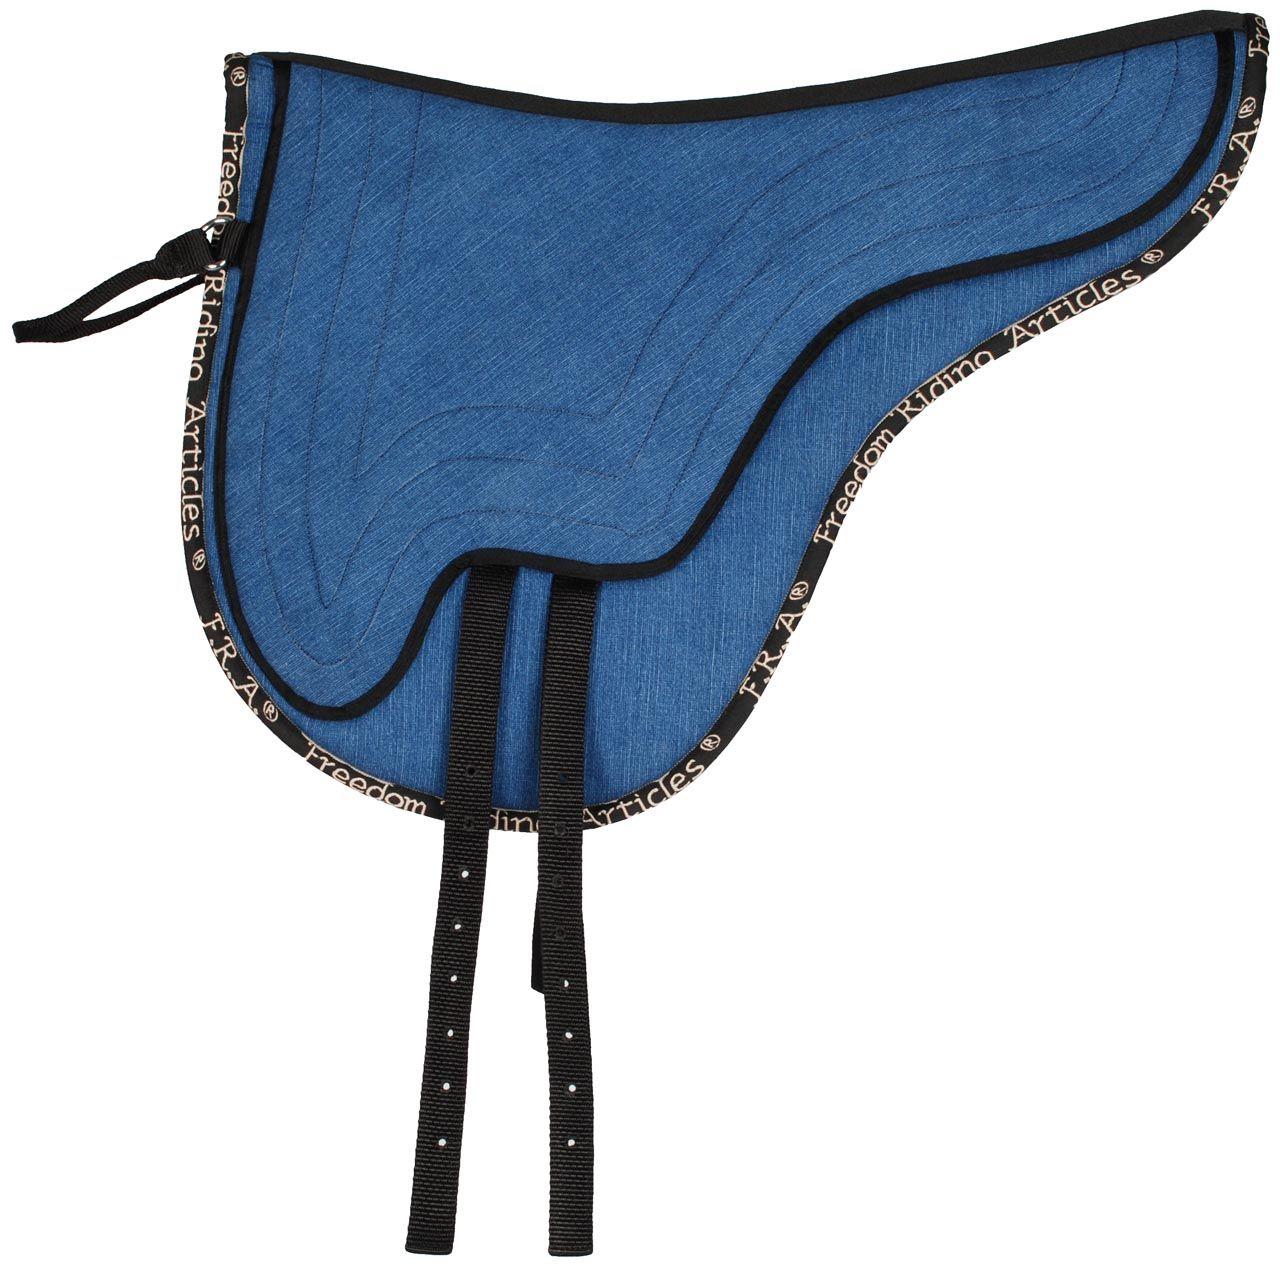 F.R.A. Jeany Basic rijsjabrak blauw